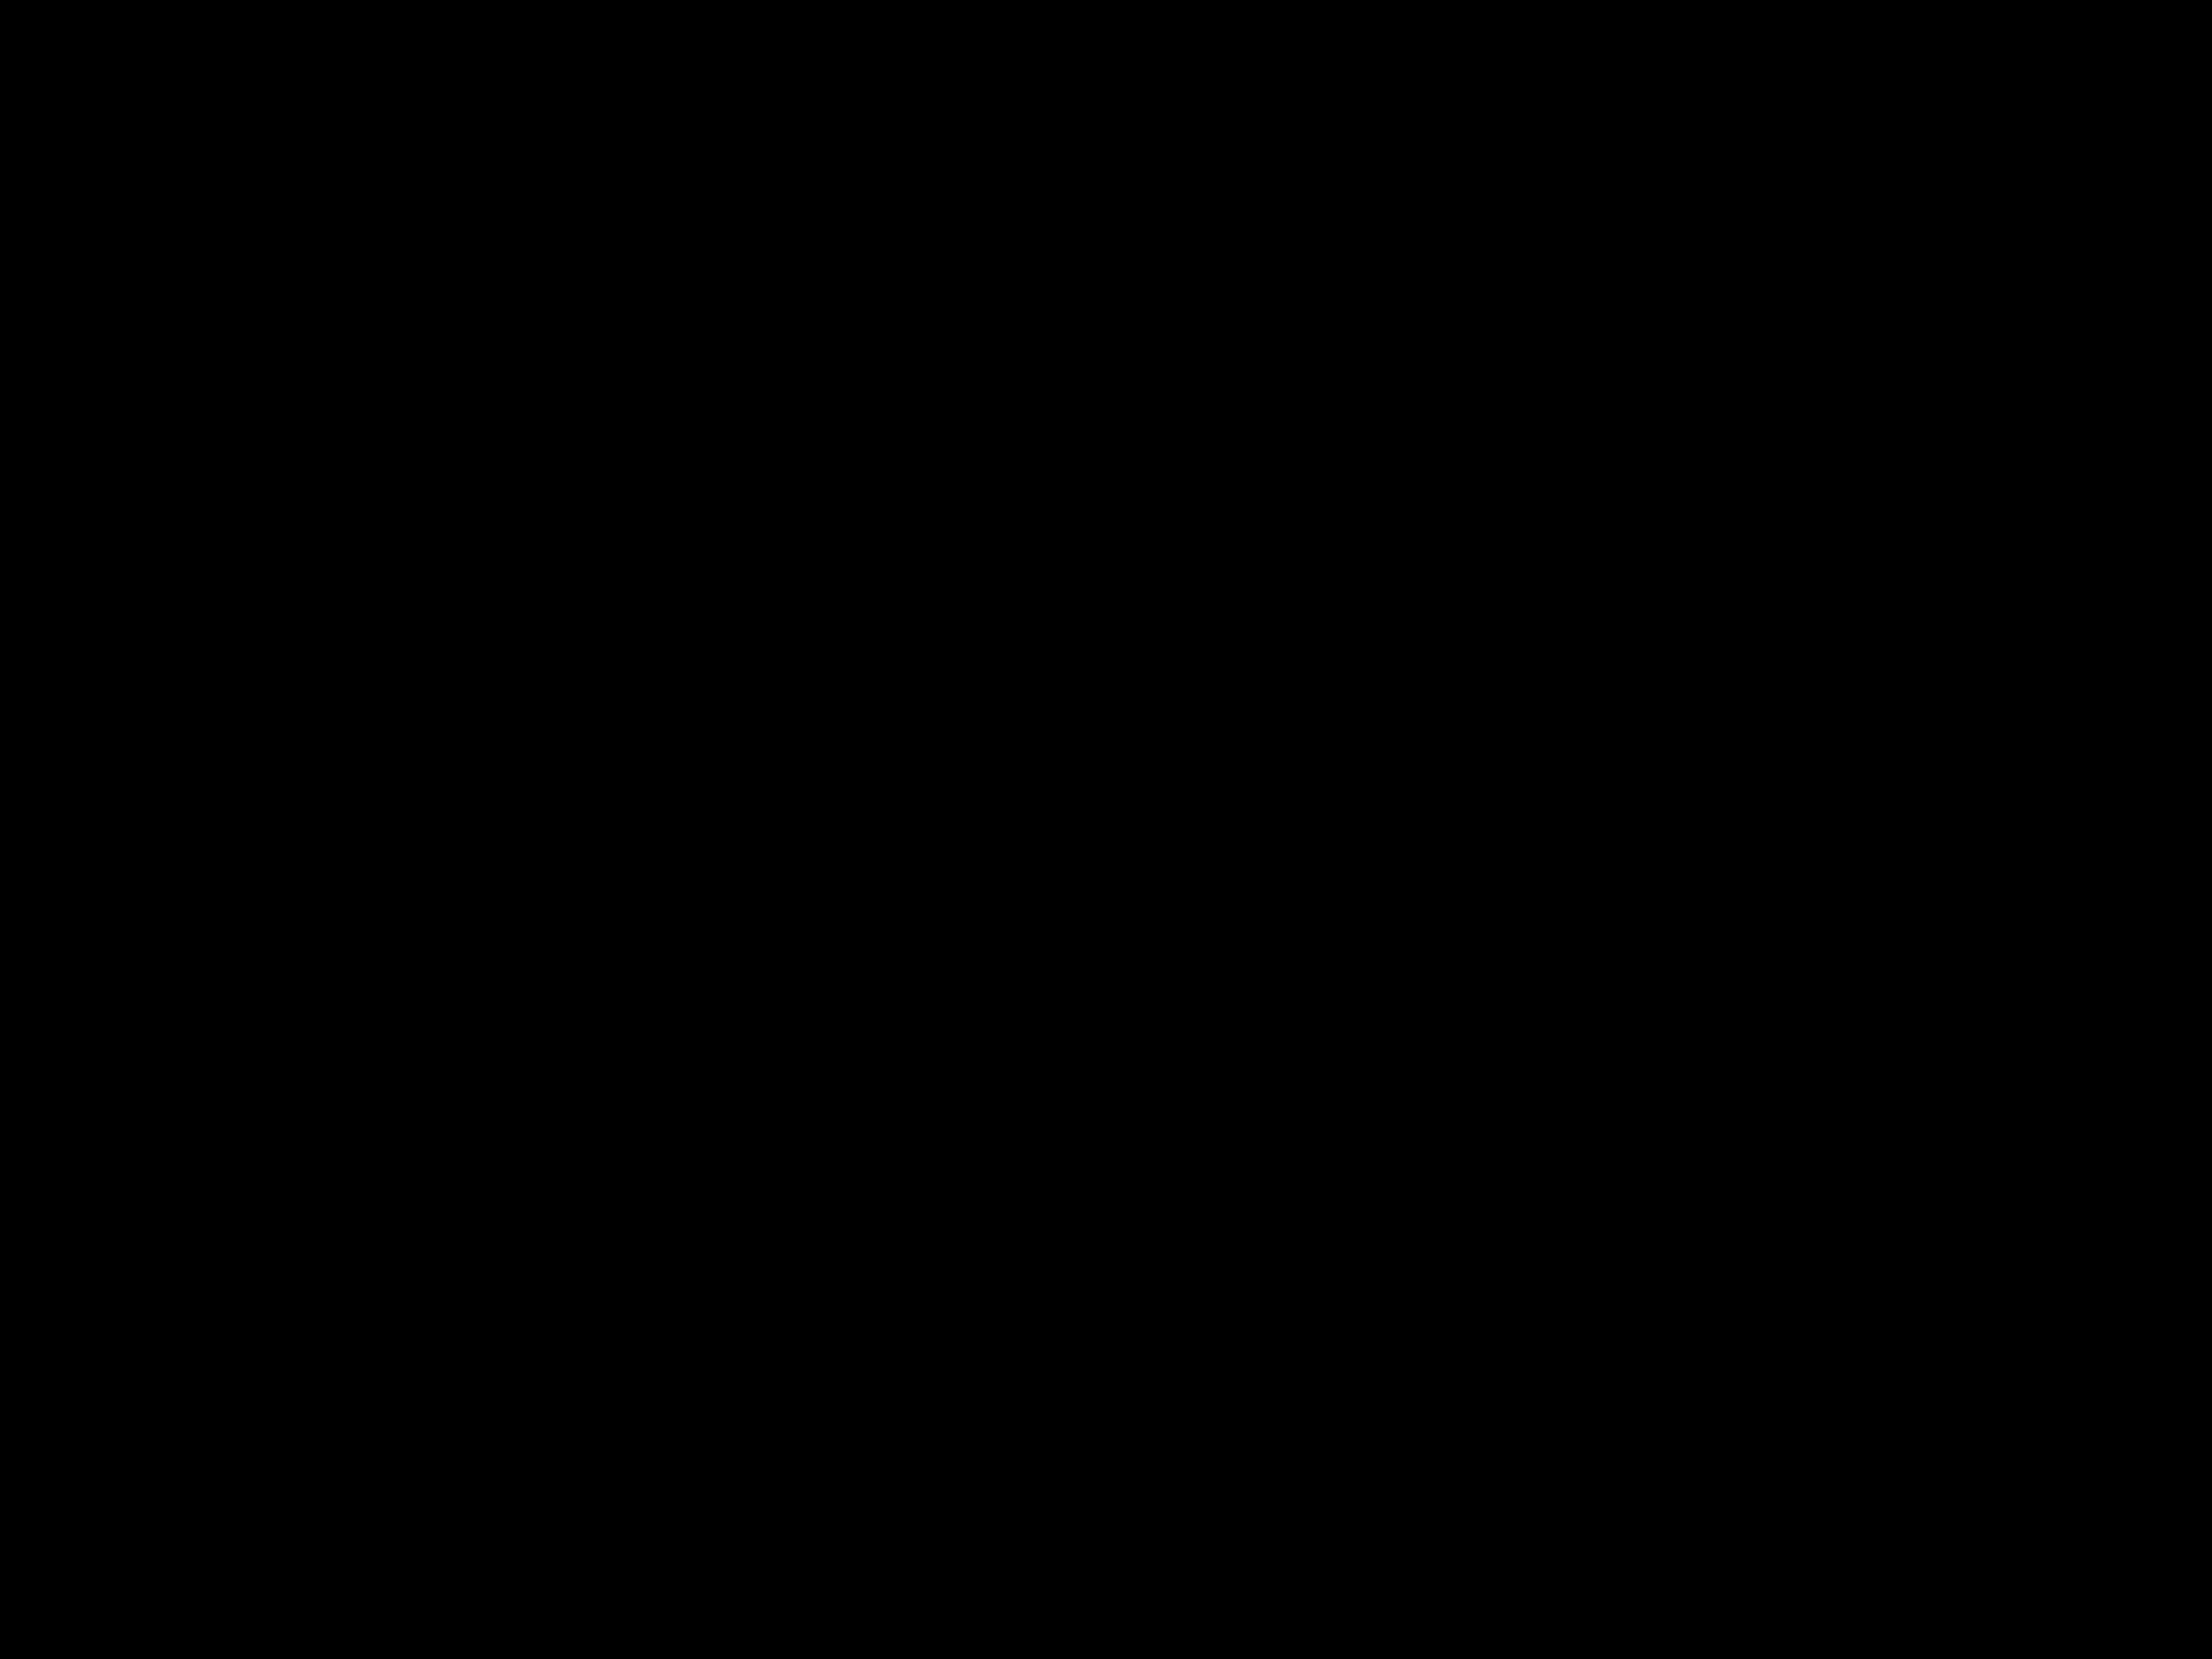 Dachgeschoss - Wohnungen 7 & 8